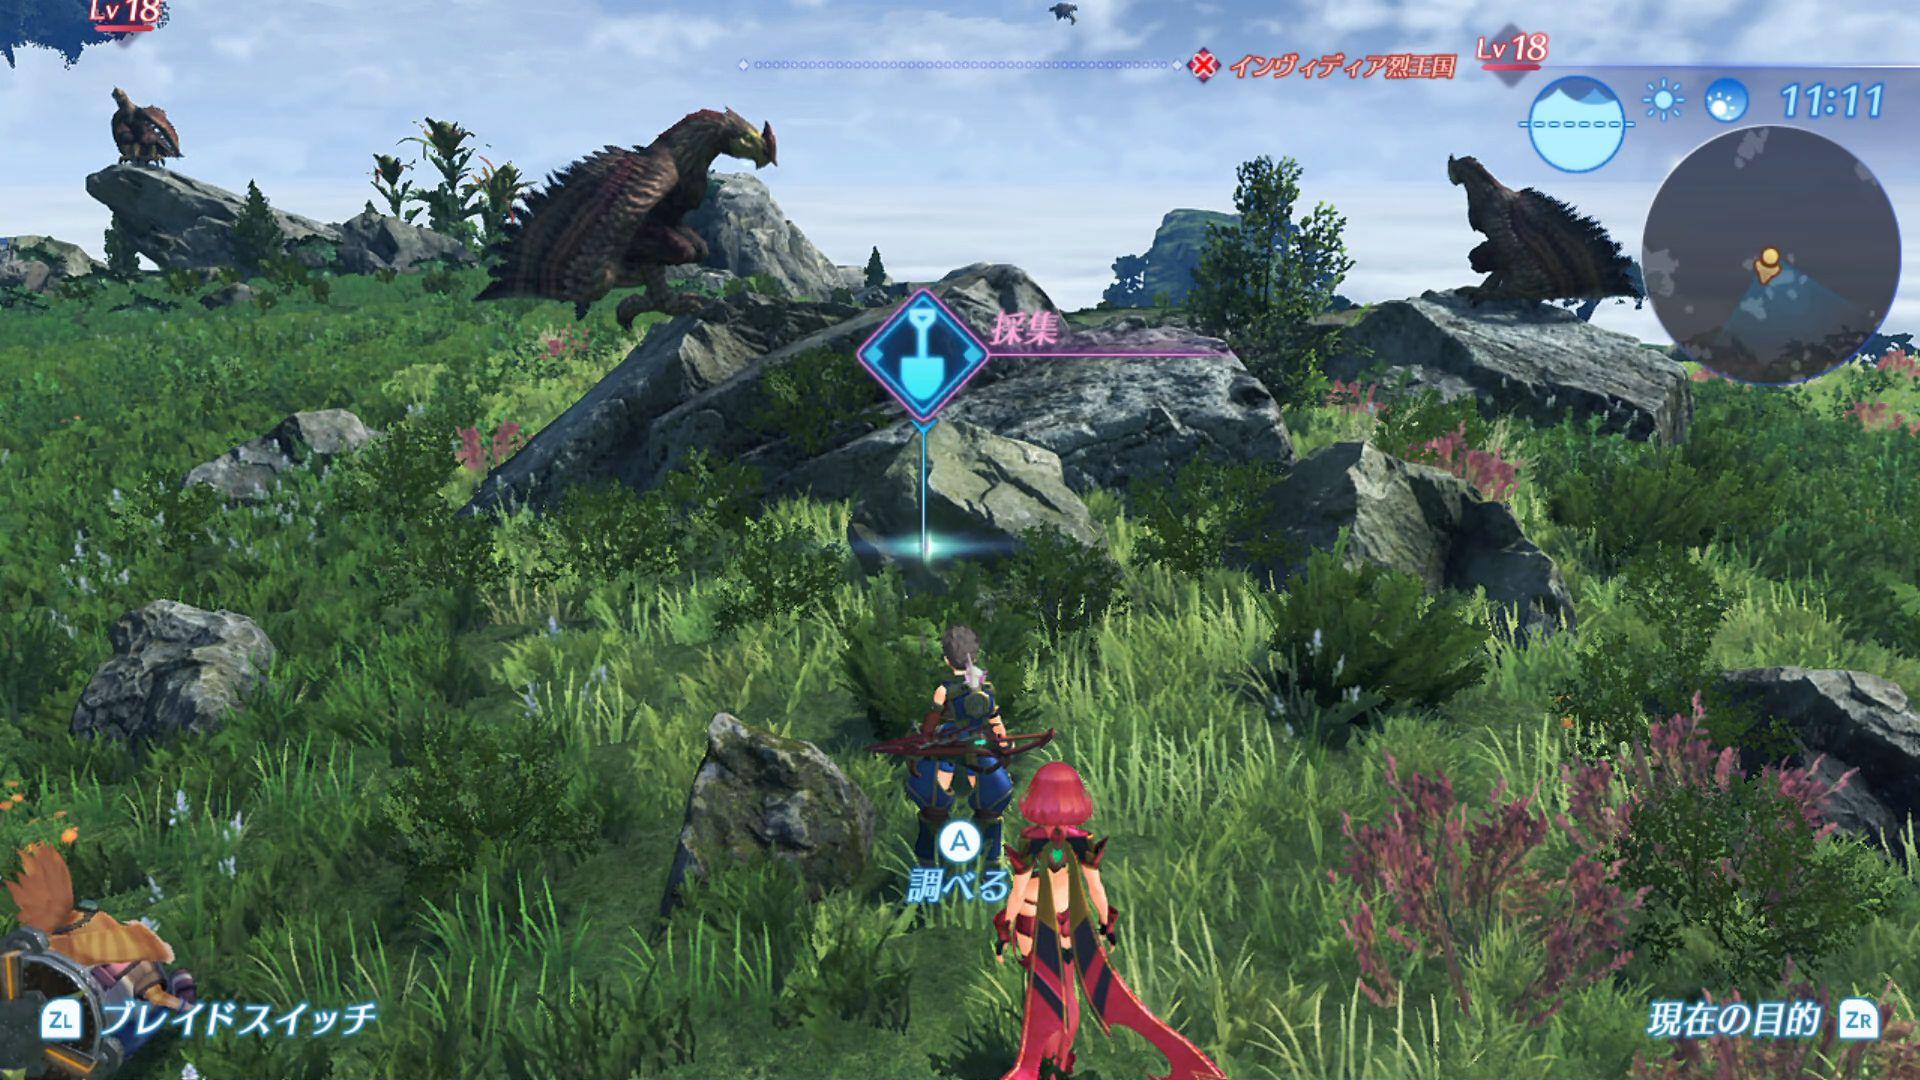 Magie a mechanická vylepšení v příběhovém traileru ke Xenoblade Chronicles 2 153398